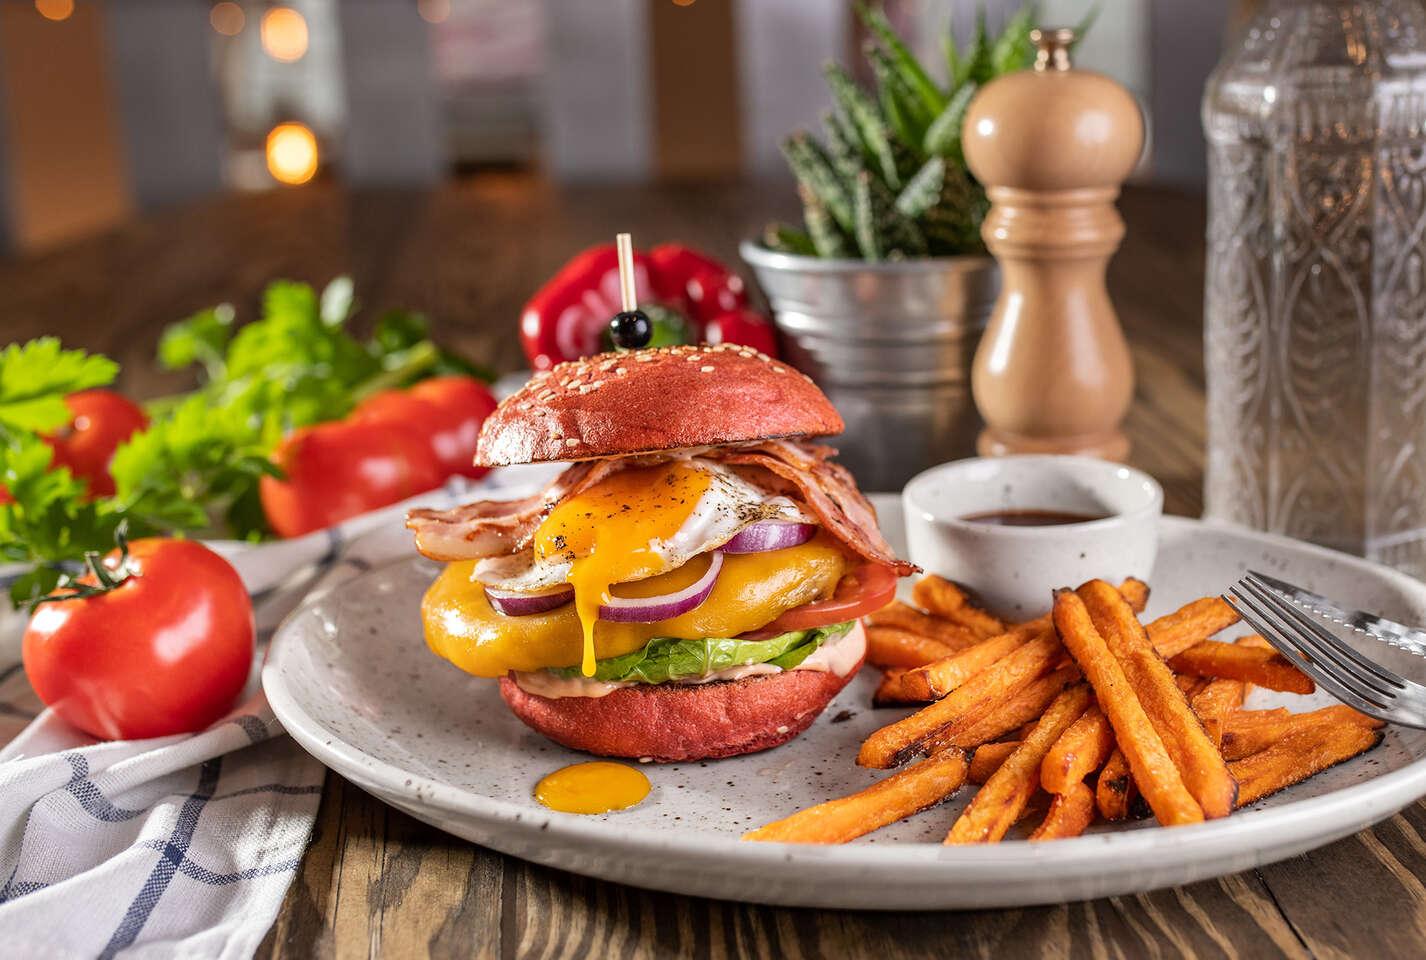 Red burger s batatovými hranolkami a nápojom